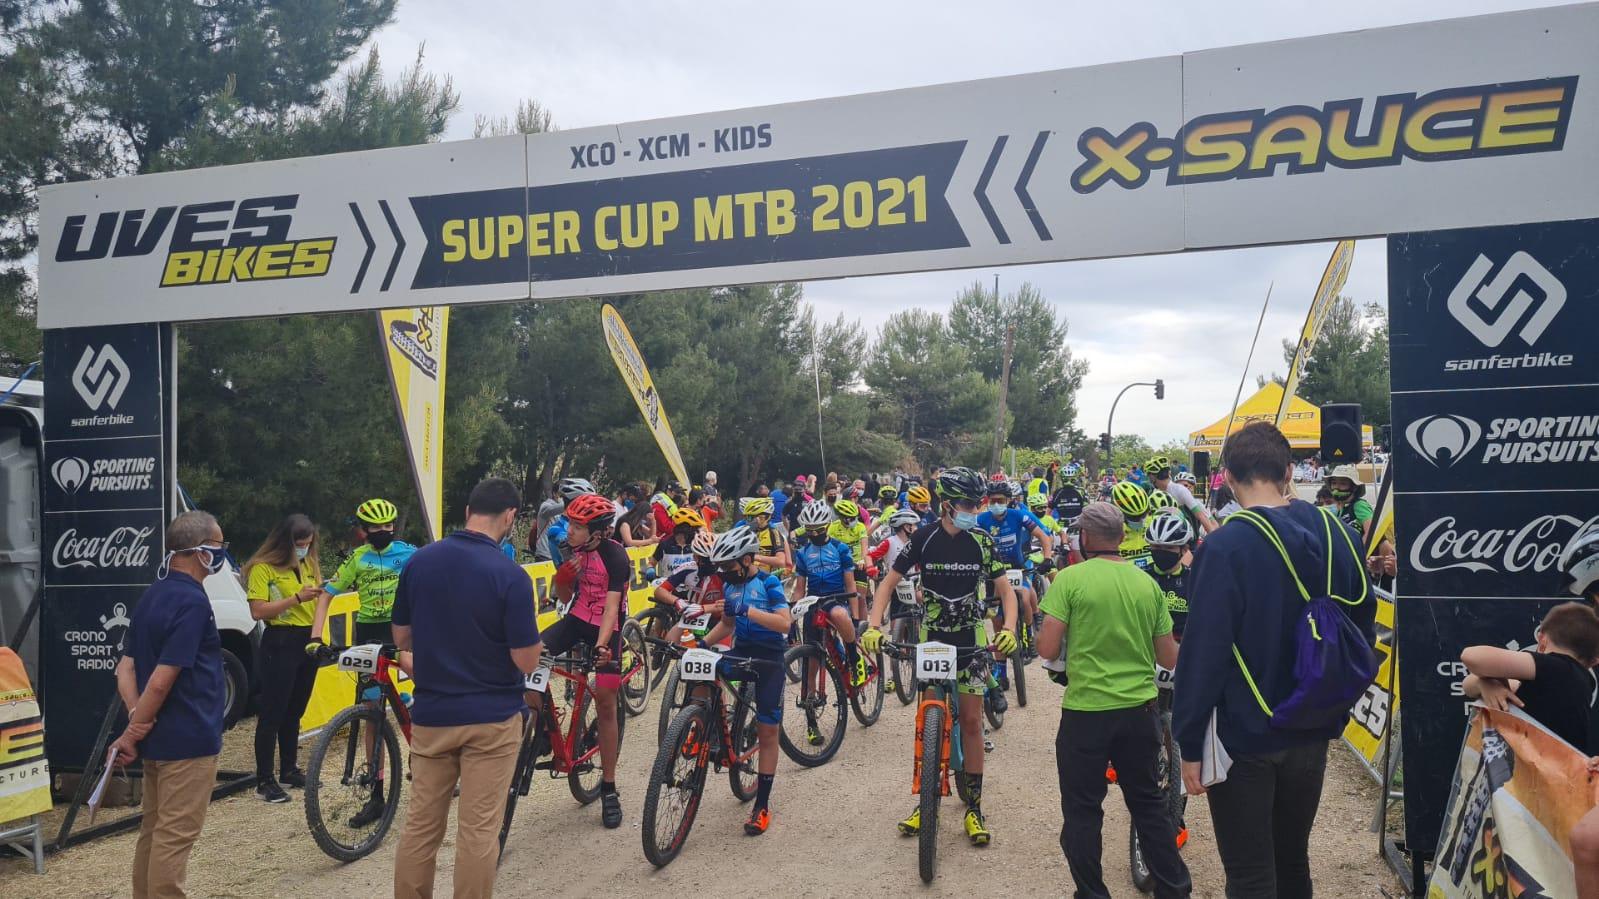 El I Trofeo Villa de Coslada coronó a los vencedores de la Super Cup Kids 2021